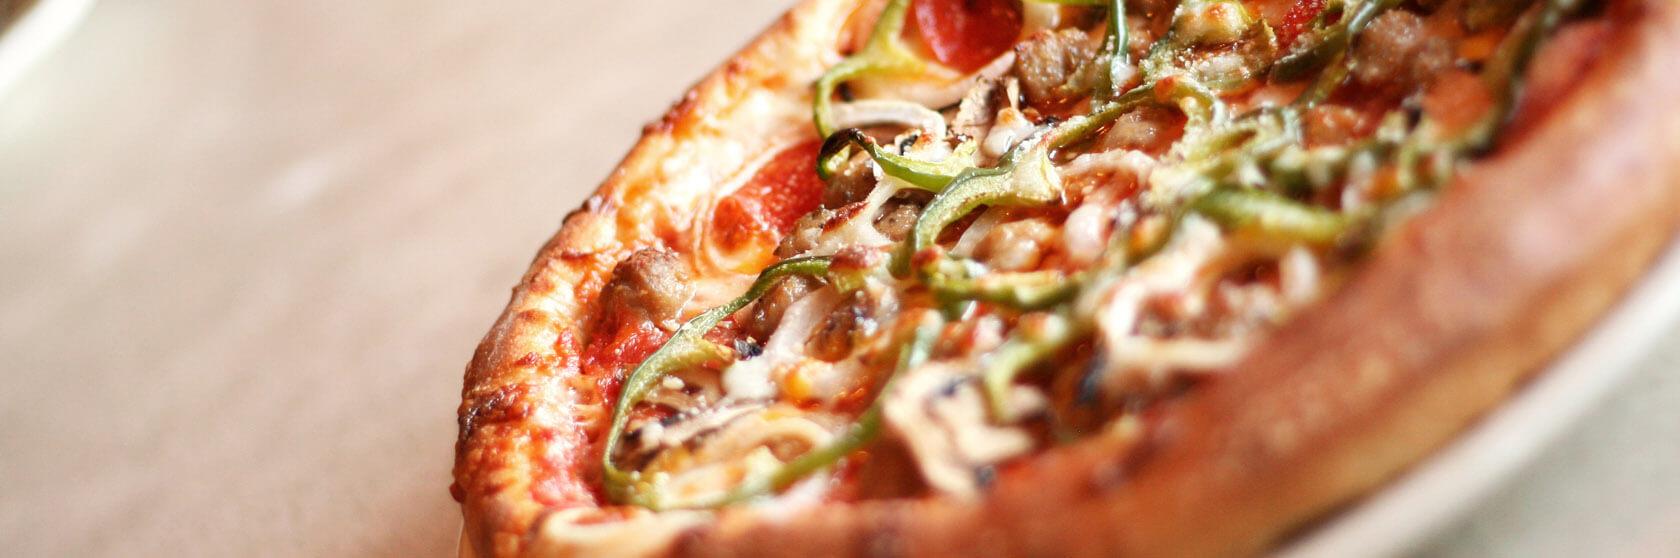 Pizza-Restaurants-Williamsburg-VA